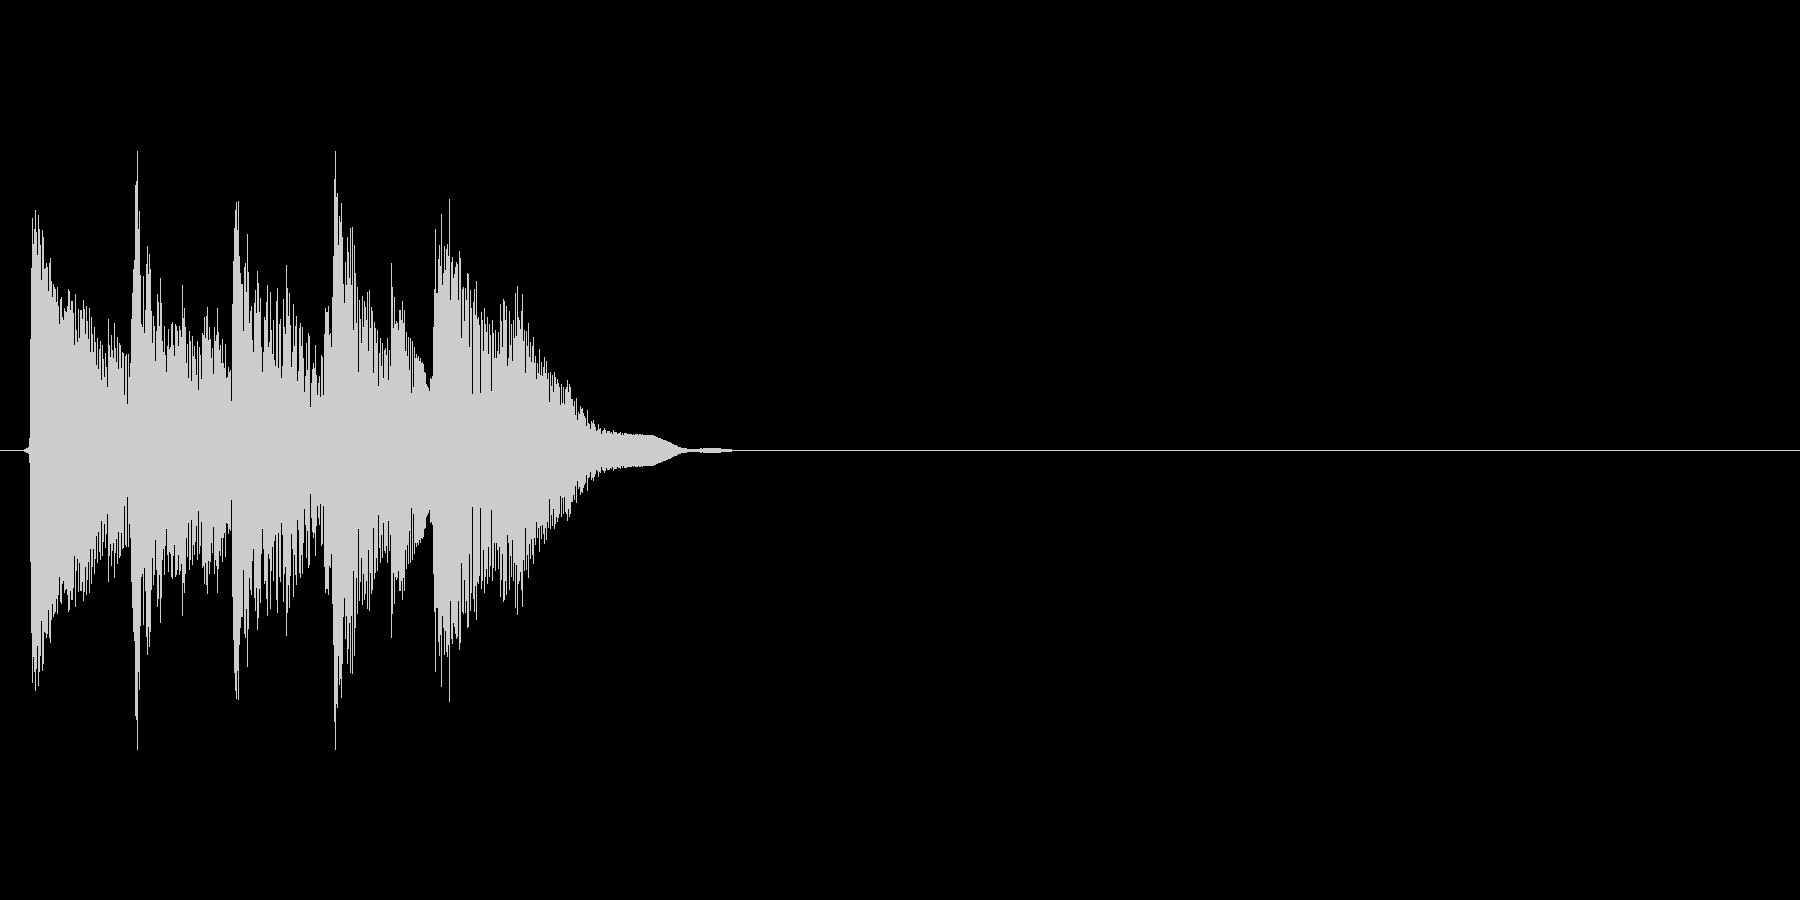 タララララン↑(場面転換、ナチュラル)の未再生の波形